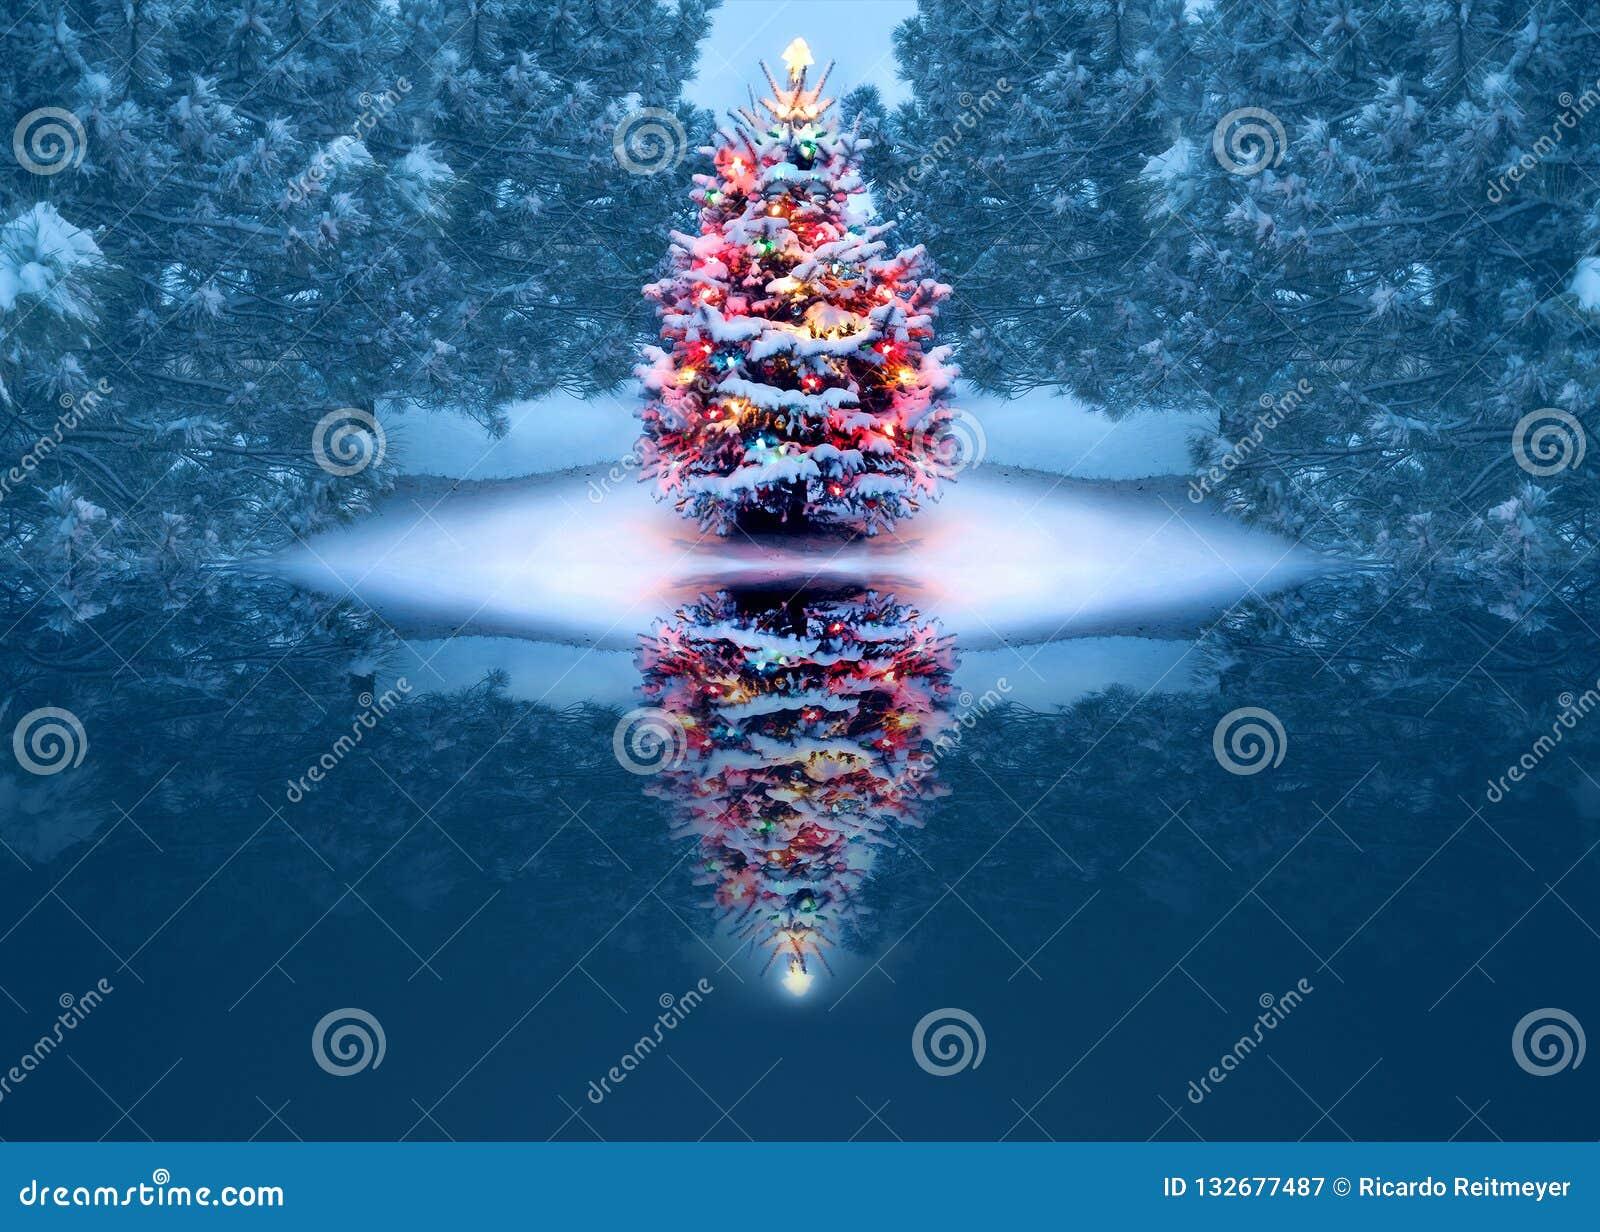 El árbol de navidad maravillosamente adornado refleja mágico en el lago congelado